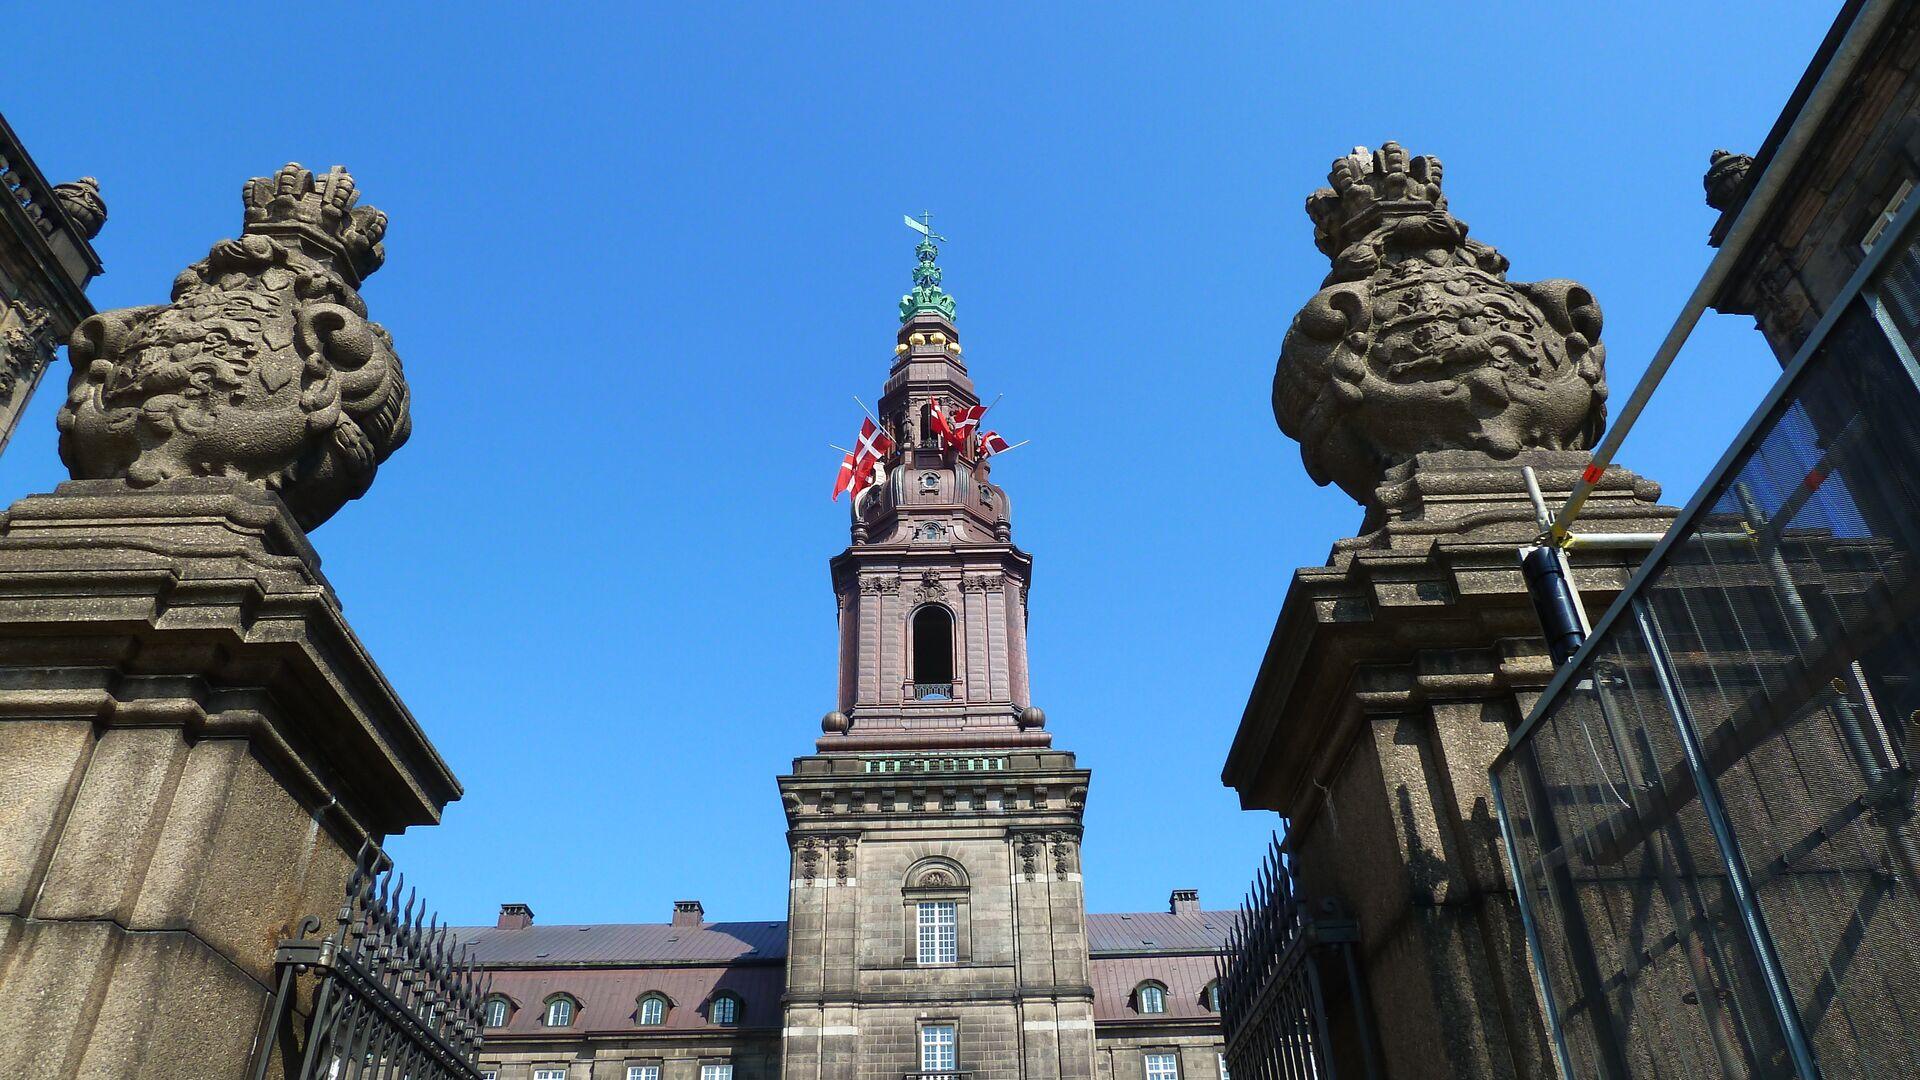 Дворец Кристиансборг в Копенгагене, где заседает датский парламент - РИА Новости, 1920, 18.11.2020